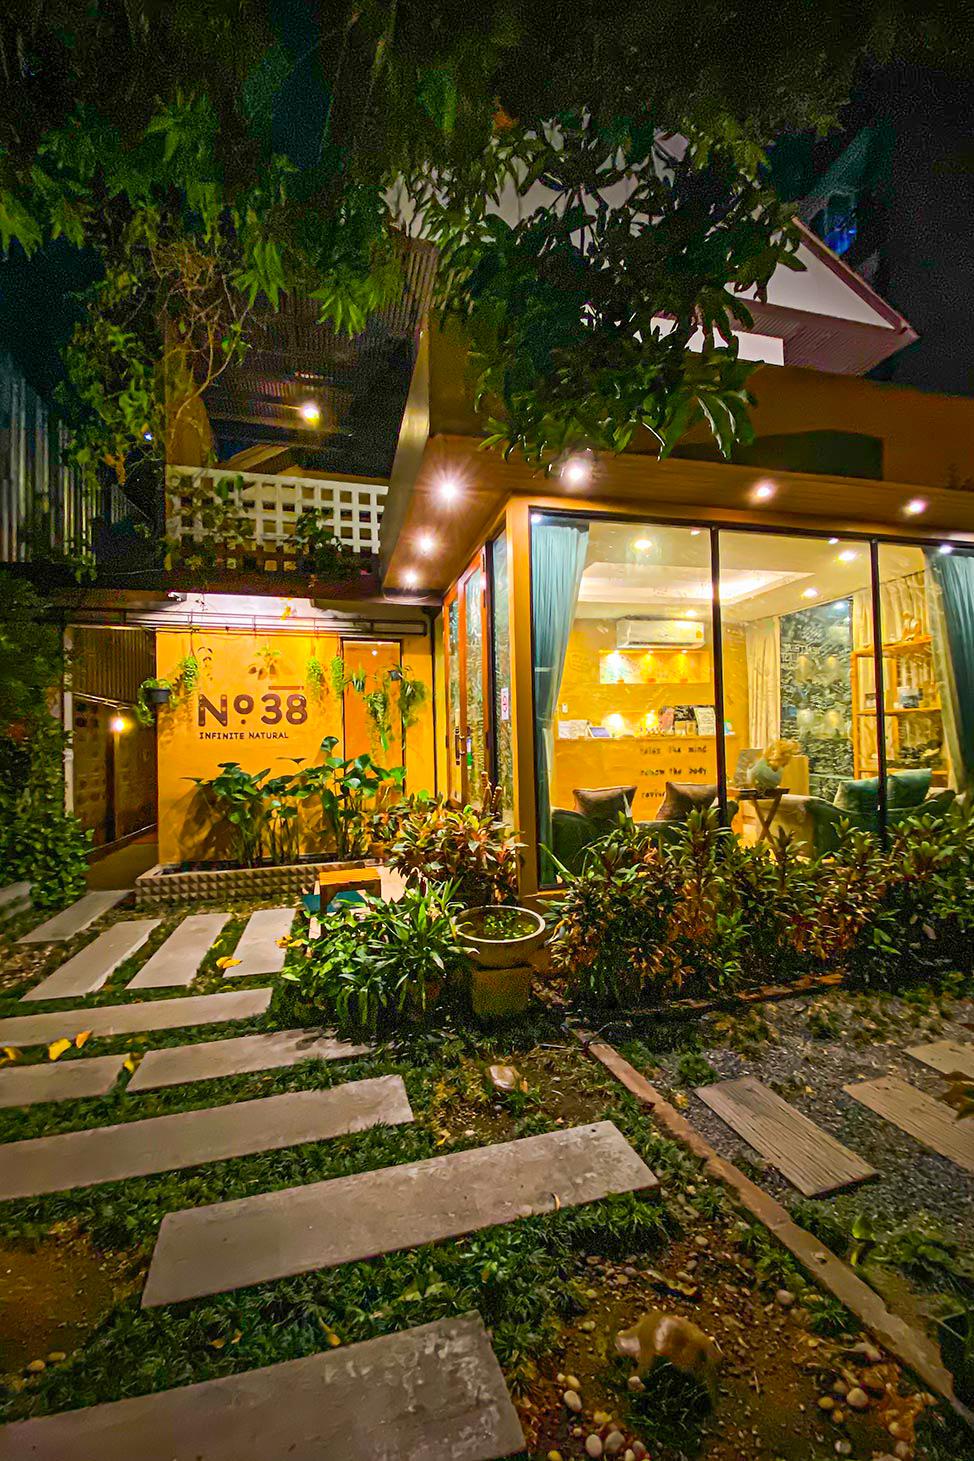 No.38 Infinite Natural Spa Bangkok